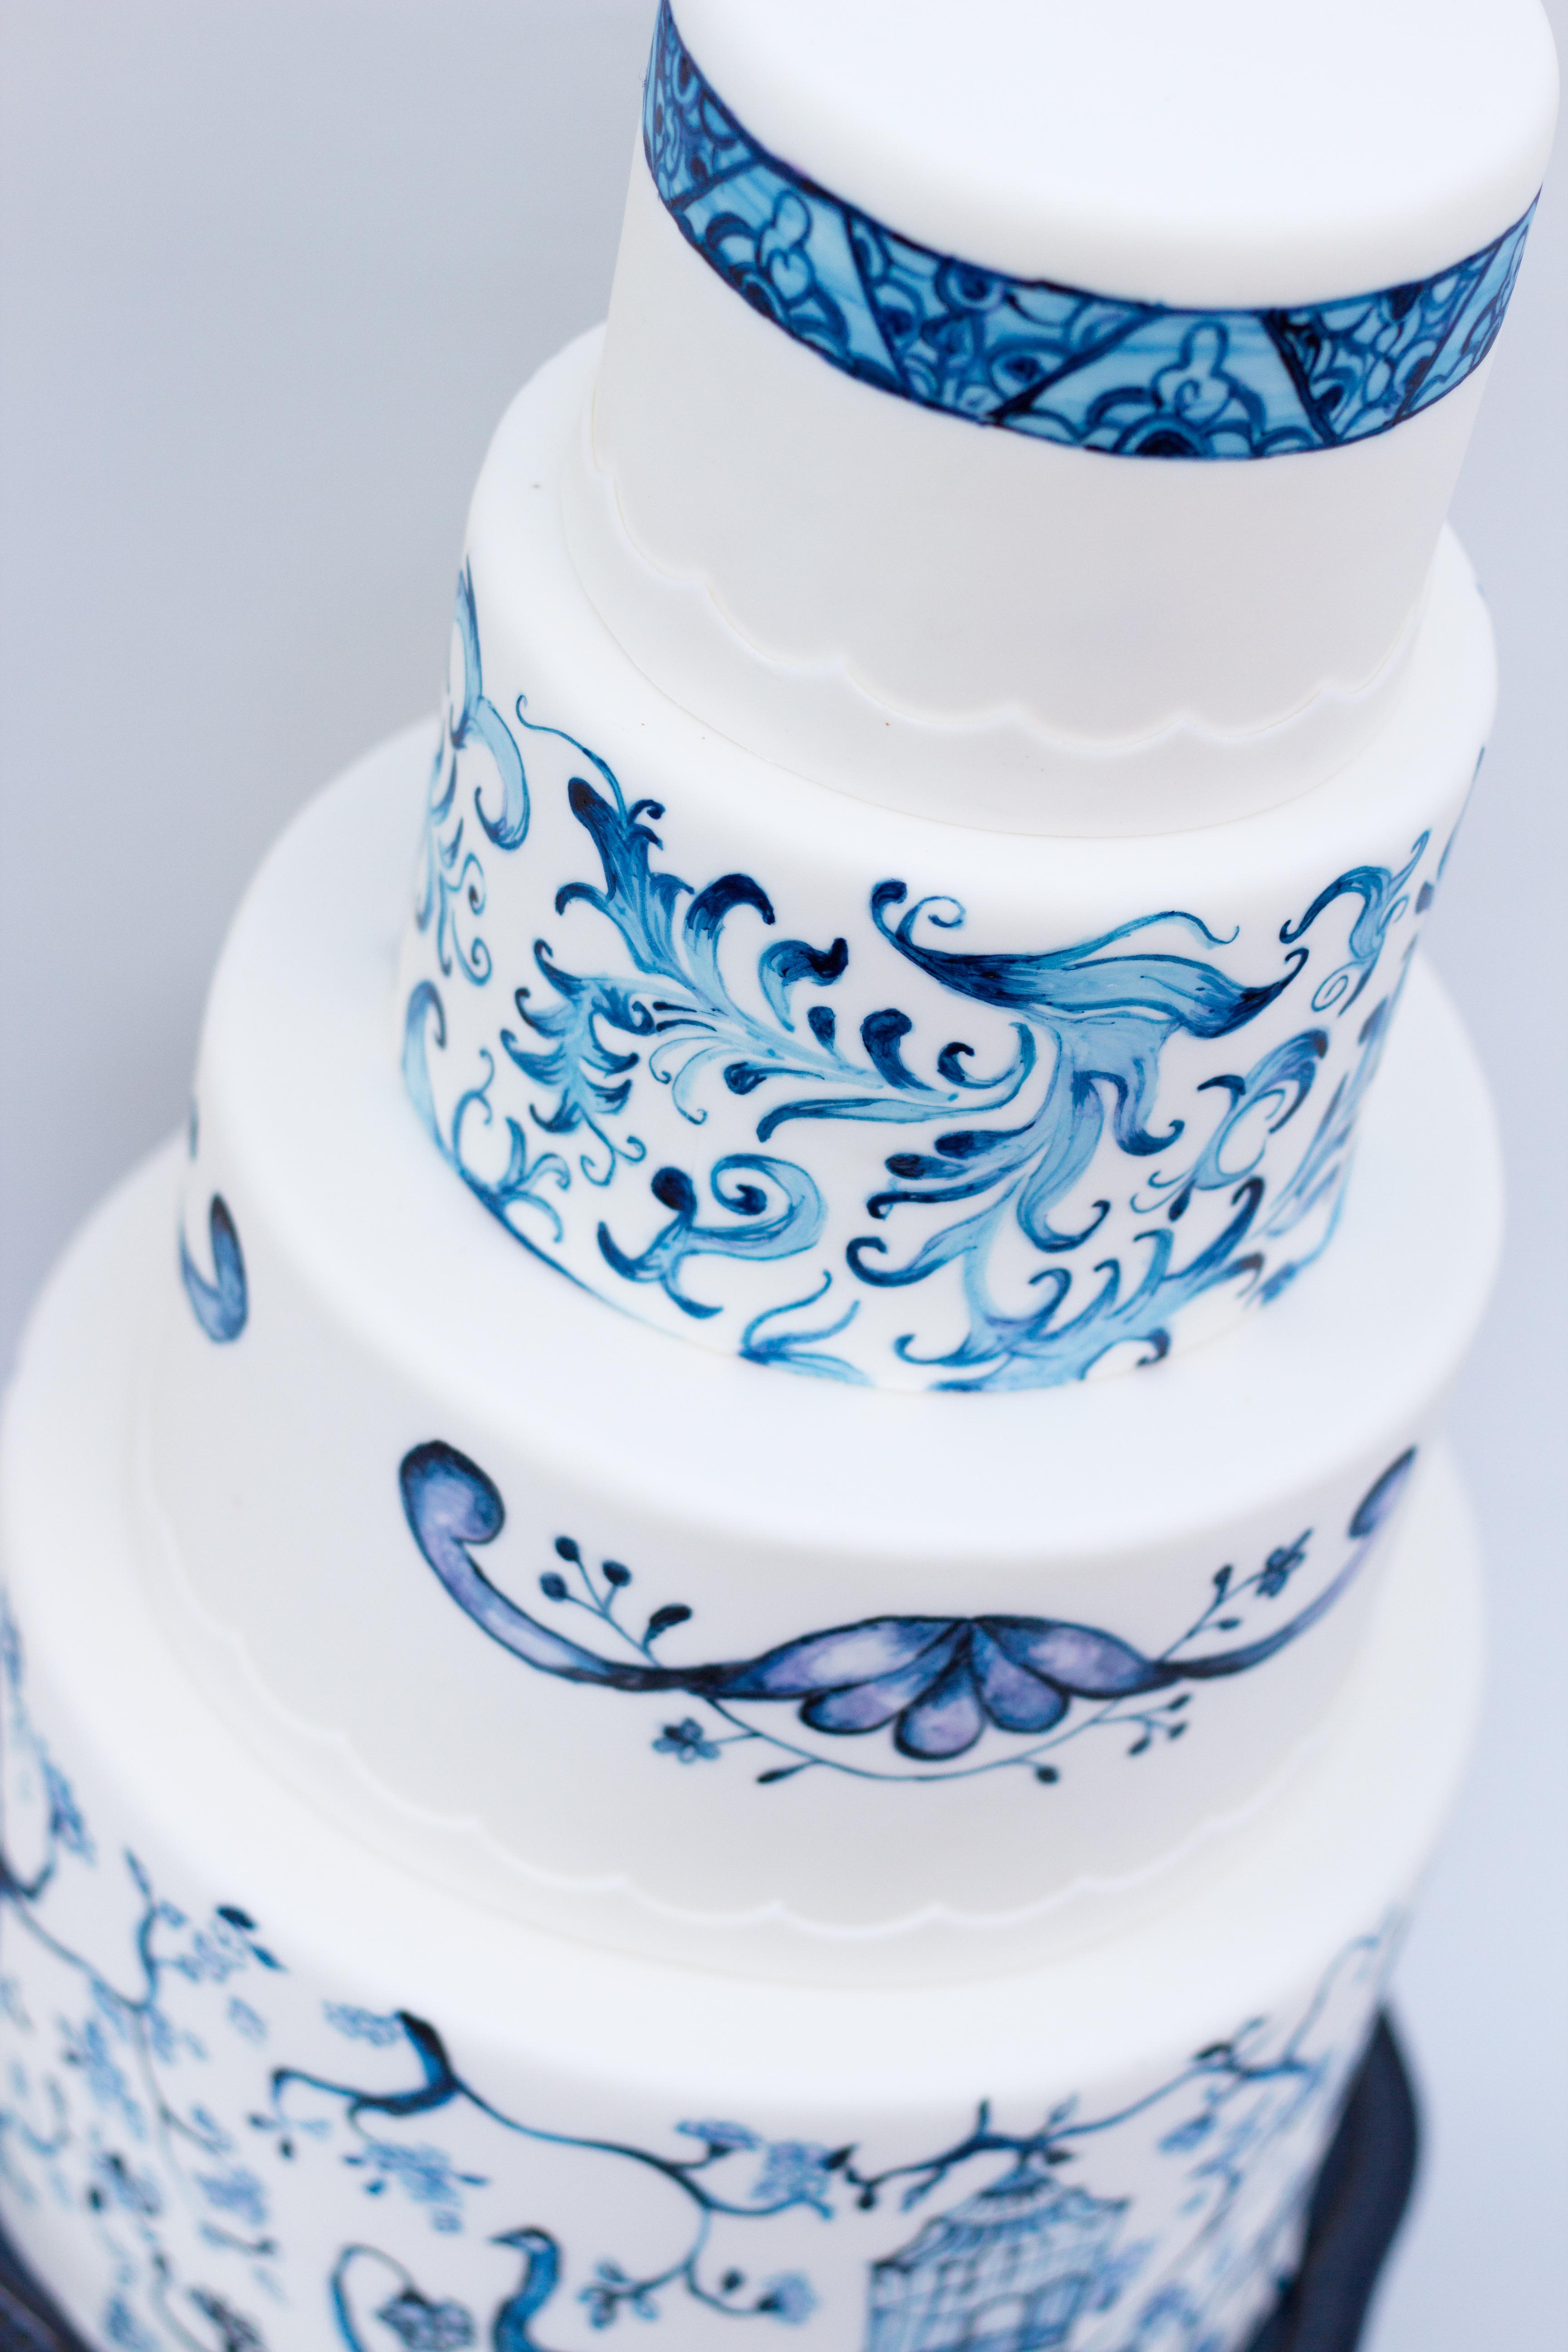 Hand pained china pattern fondant wedding cake